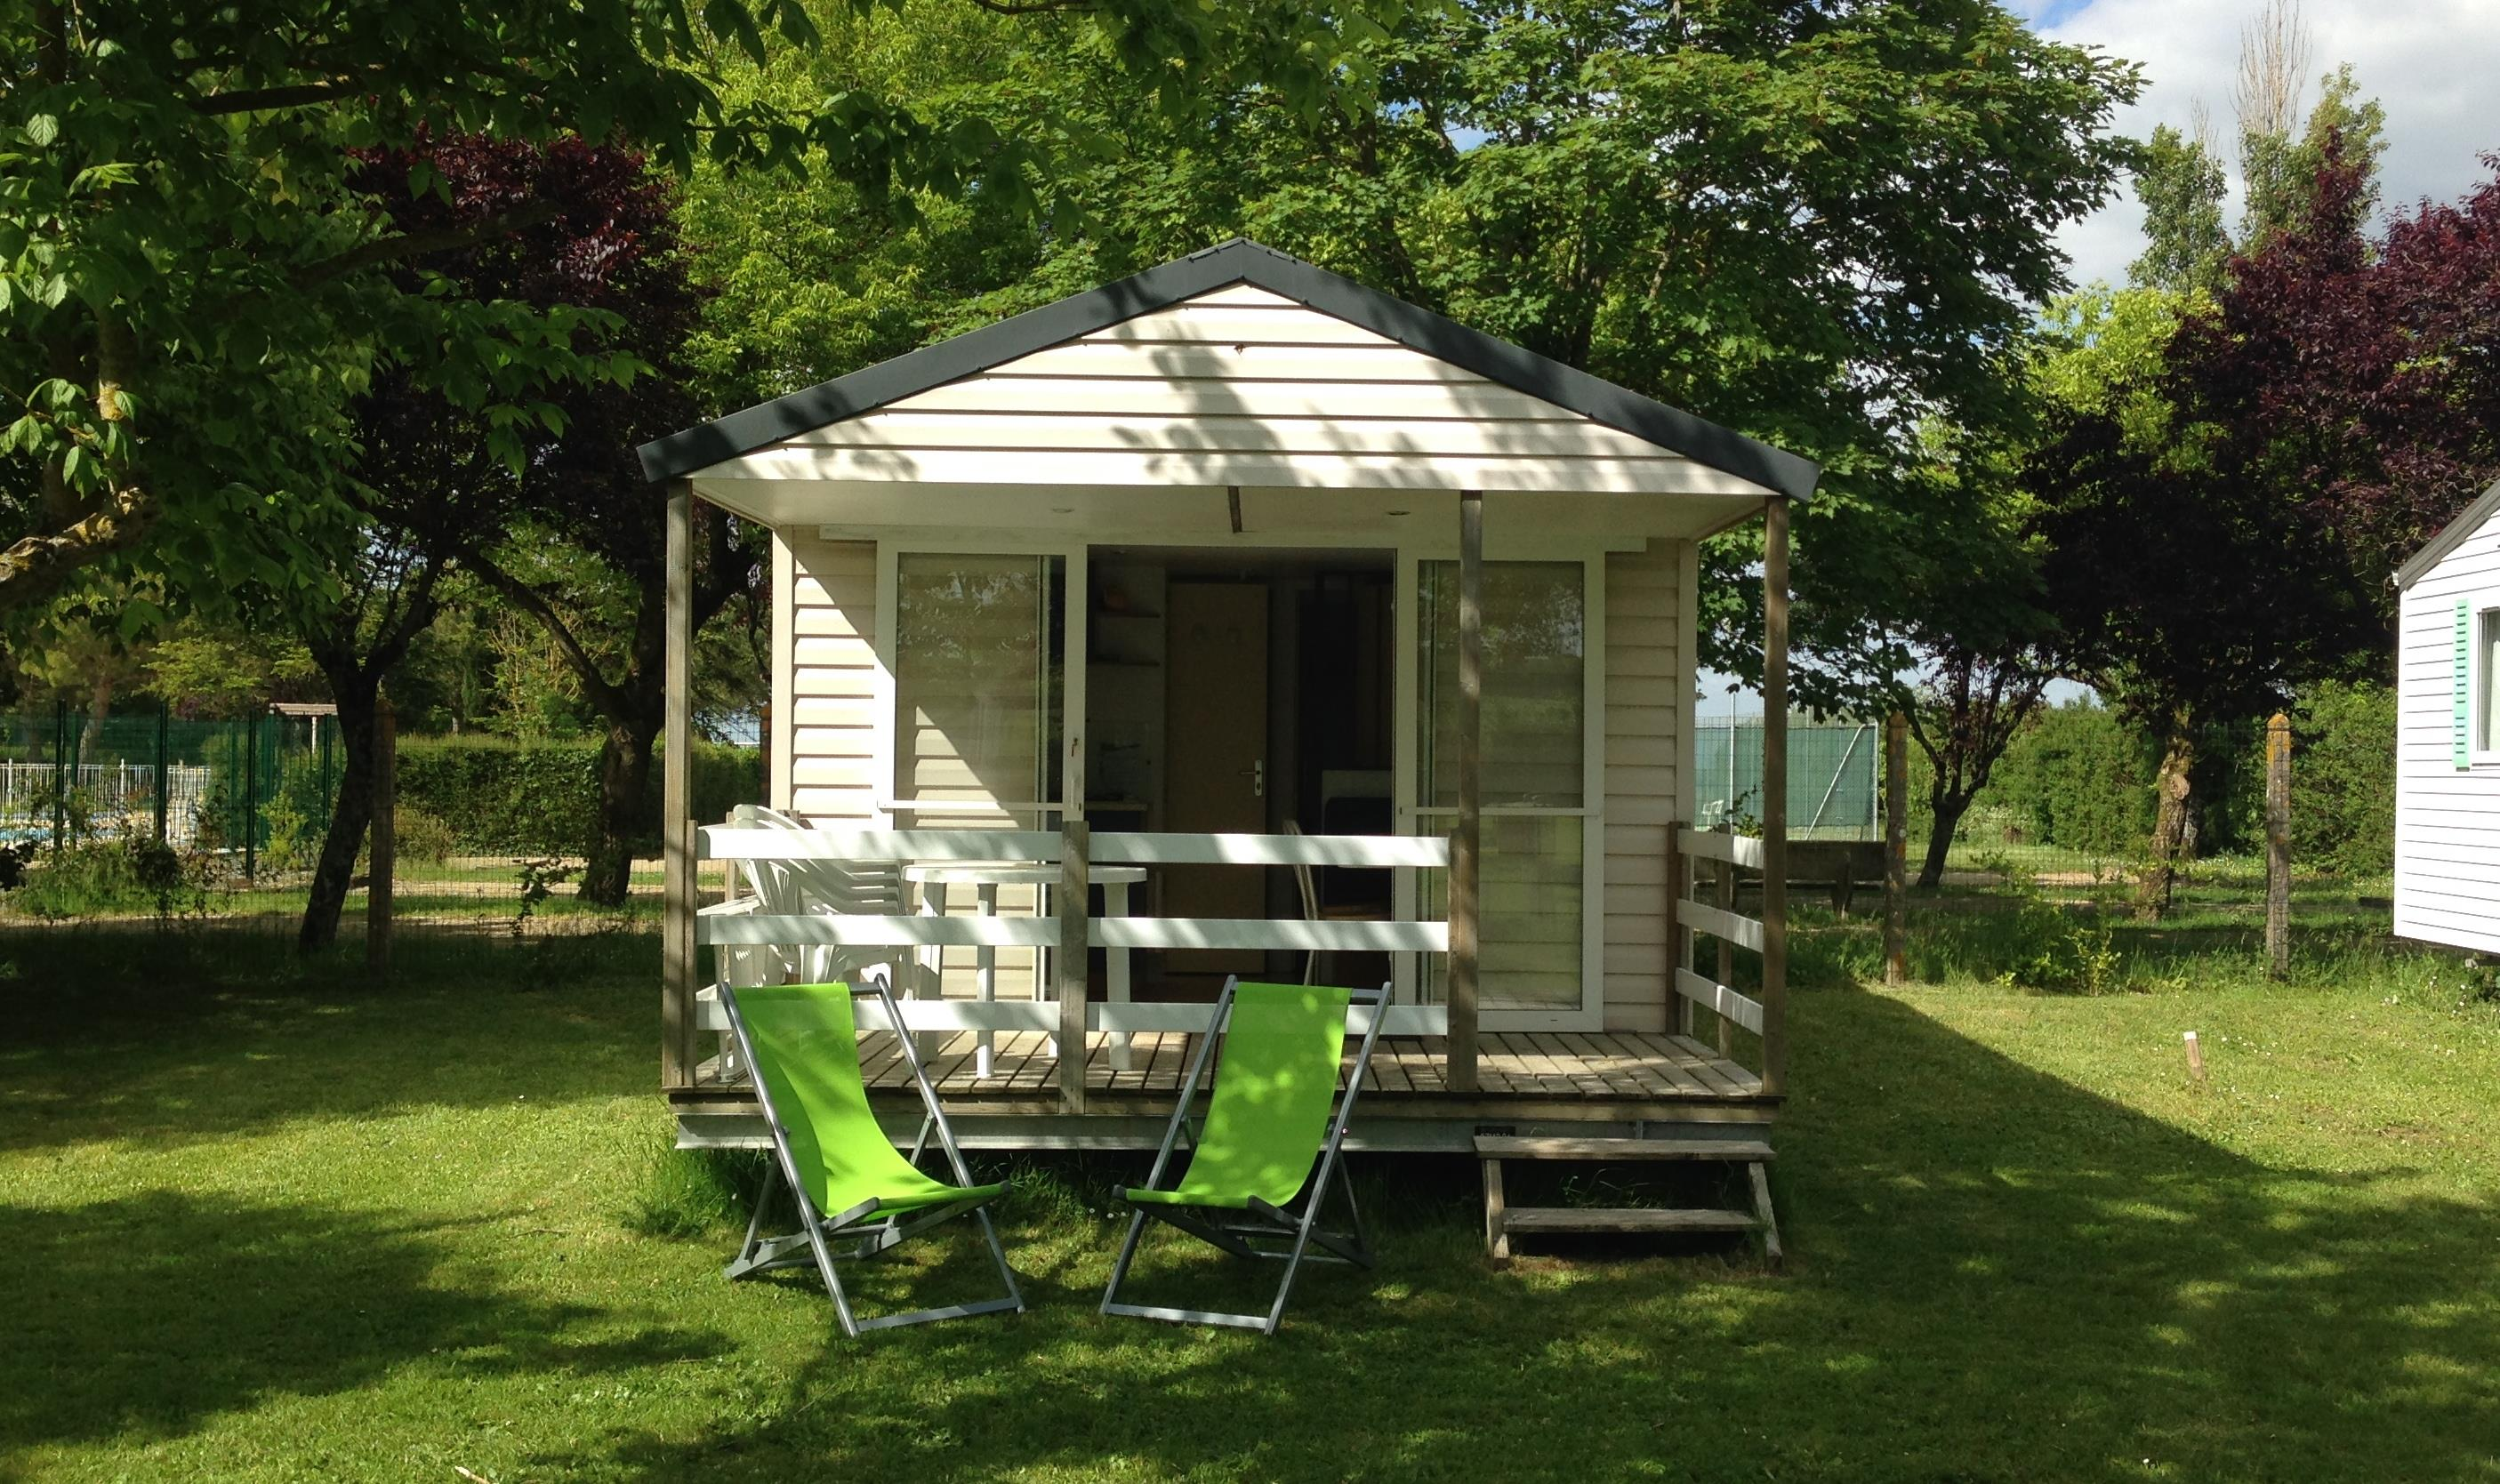 Camping la Mouette Rieuse, Courçon, Charente-Maritime